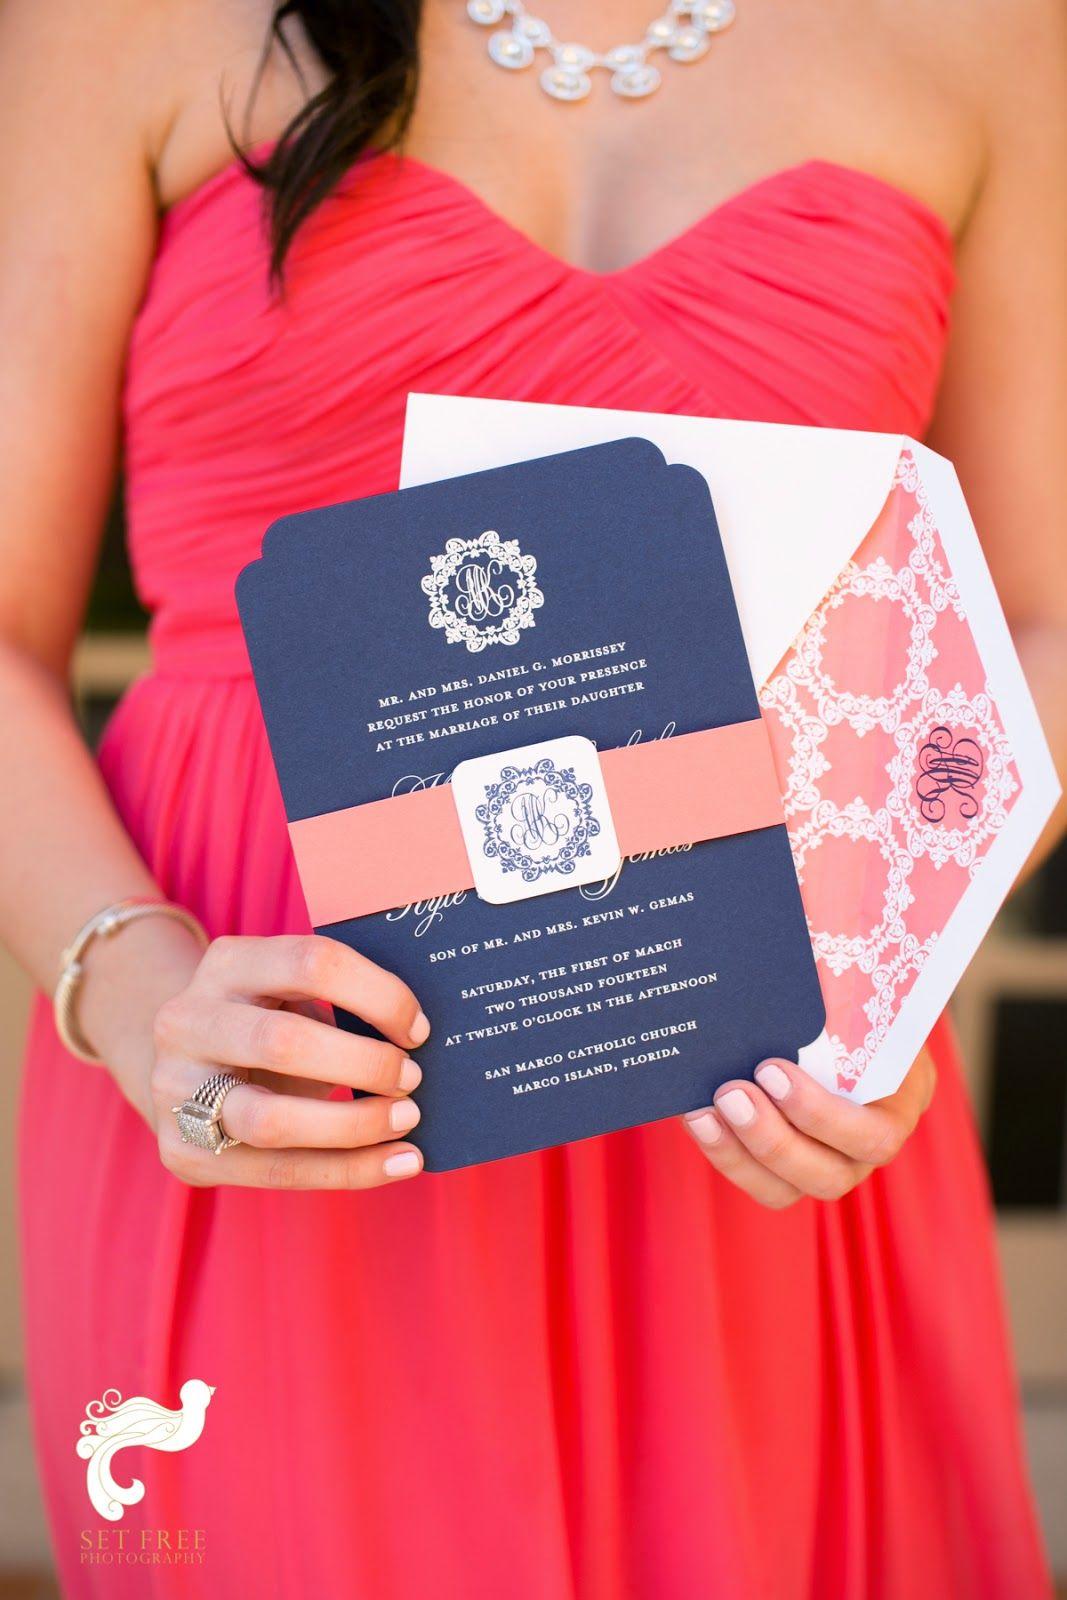 Wedding Gallery | Navy weddings, Wedding monograms and Monogram wedding